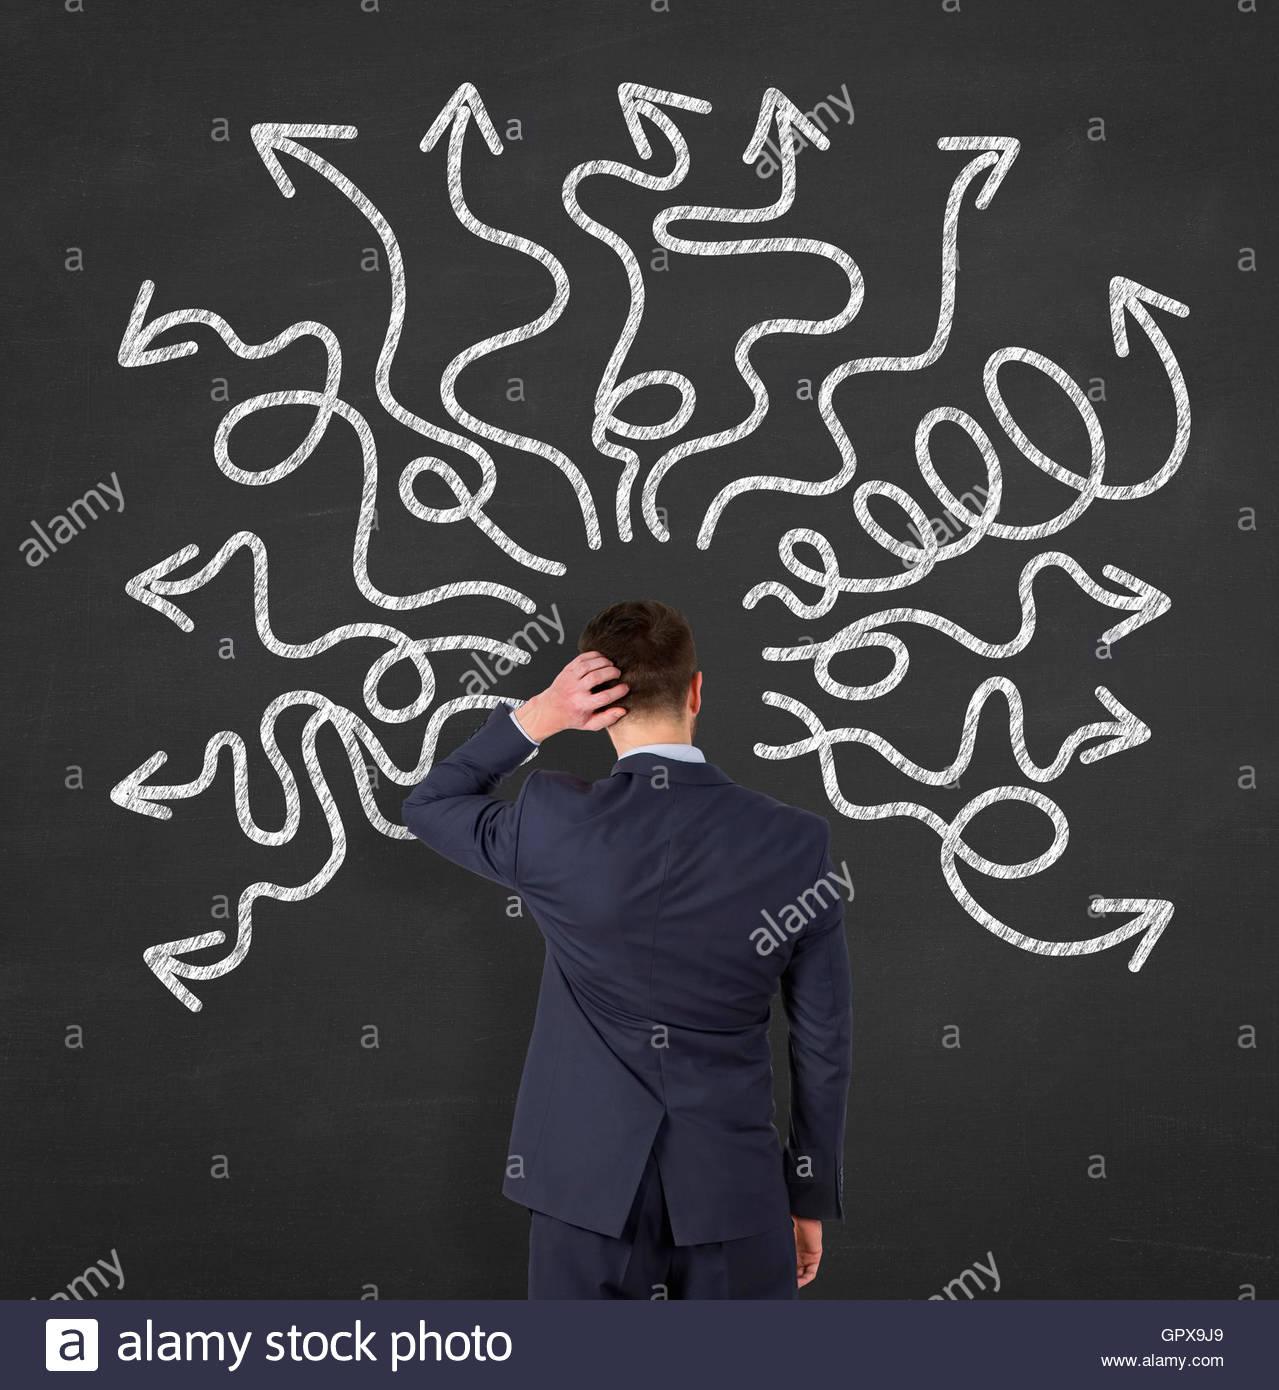 instability on Blackboard - Stock Image